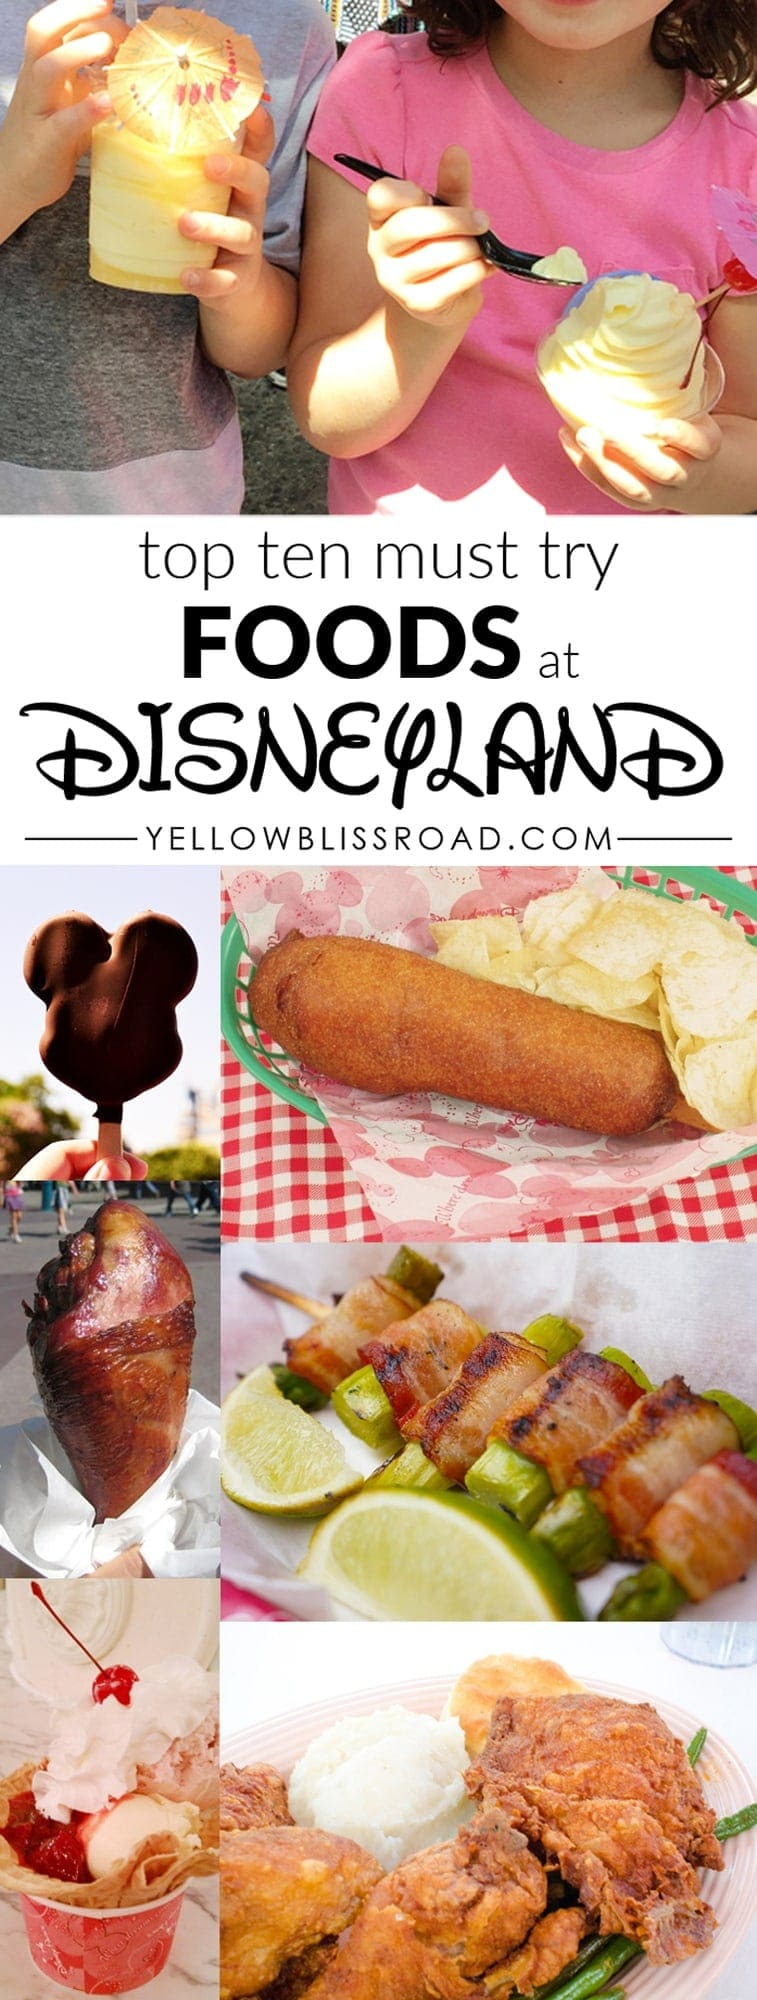 Top Ten Must Try Foods at Disneyland